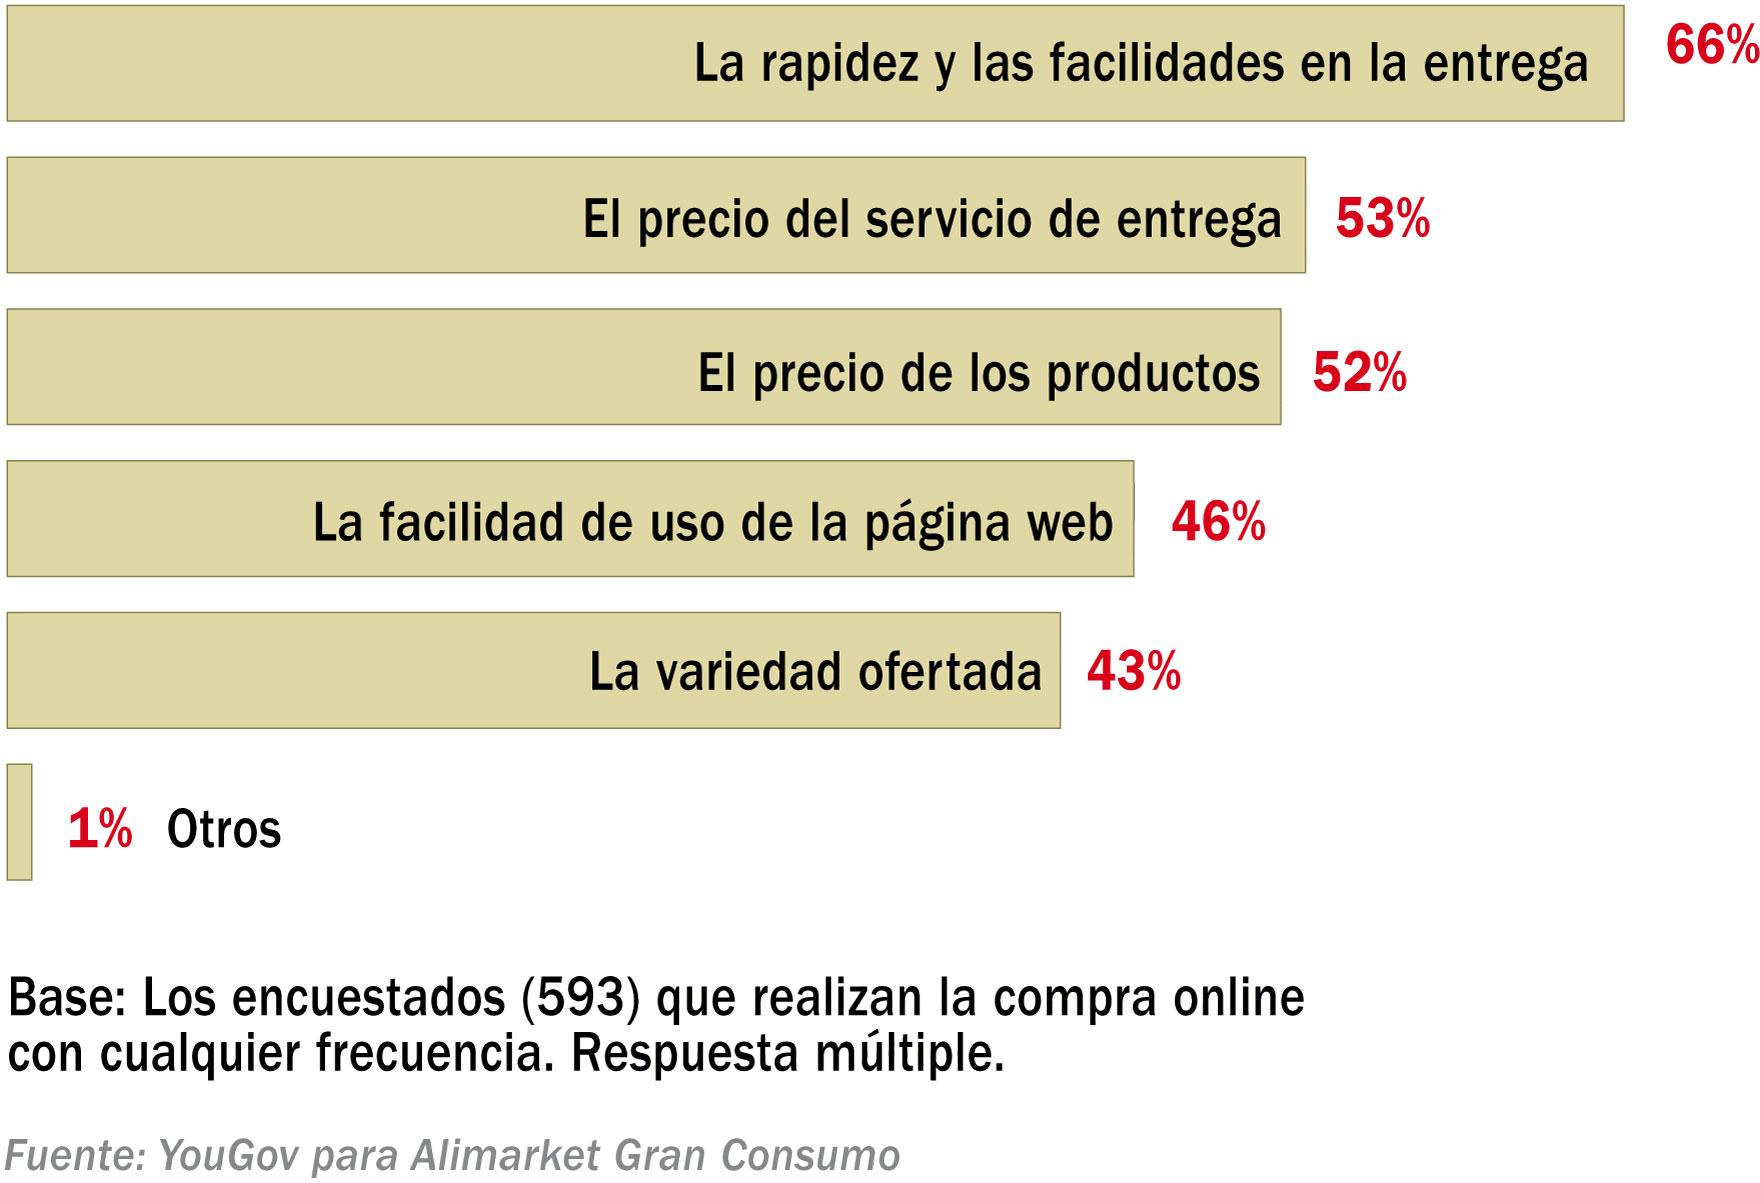 Motivos para elegir supermercado online